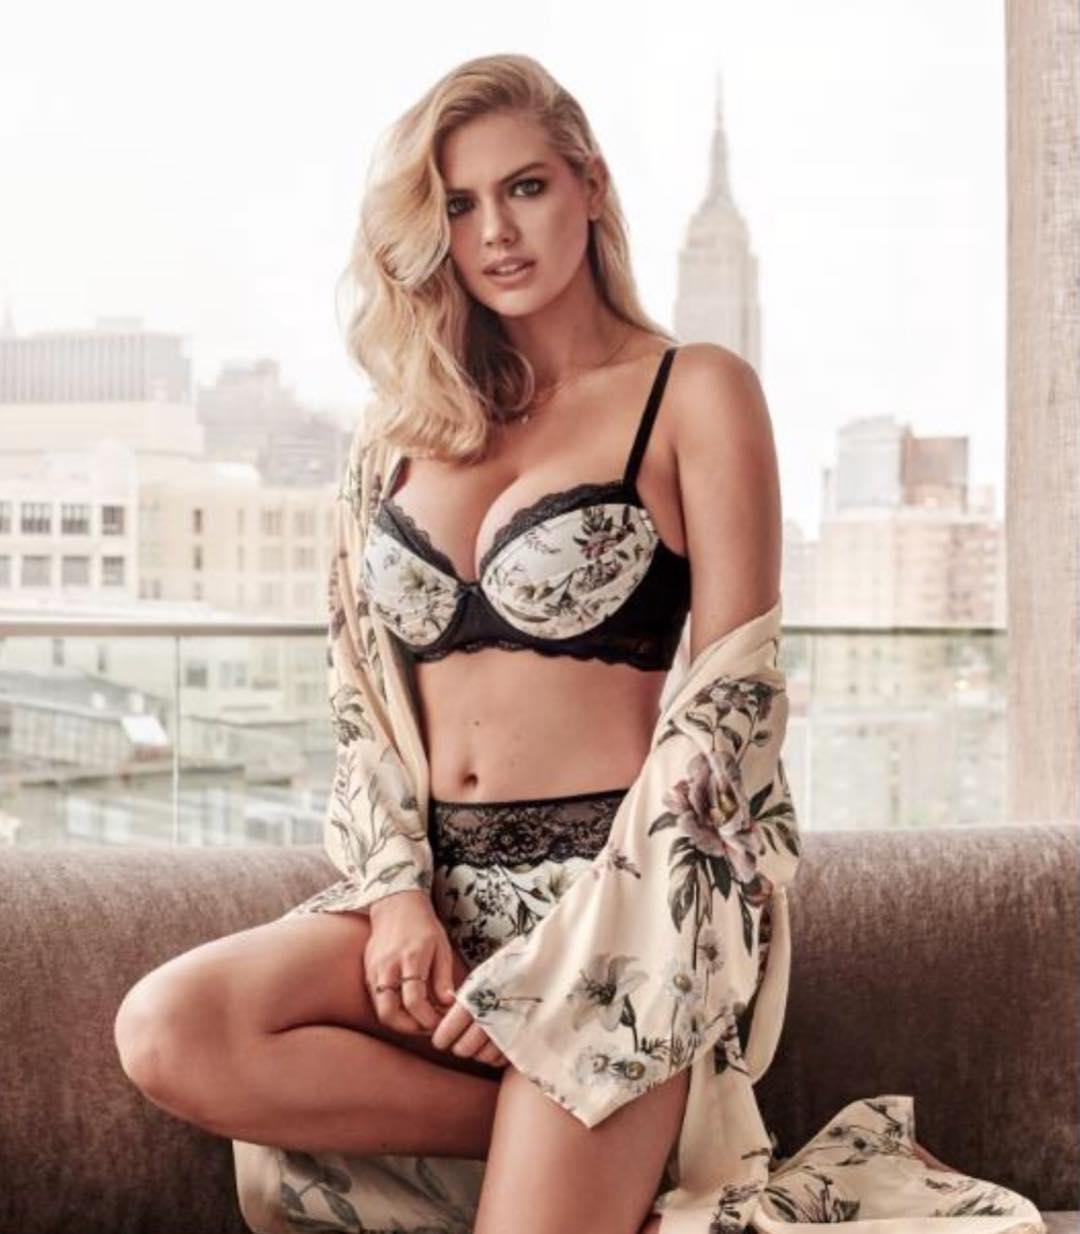 Горячие фото моделей: подборка сексуальных красоток 11